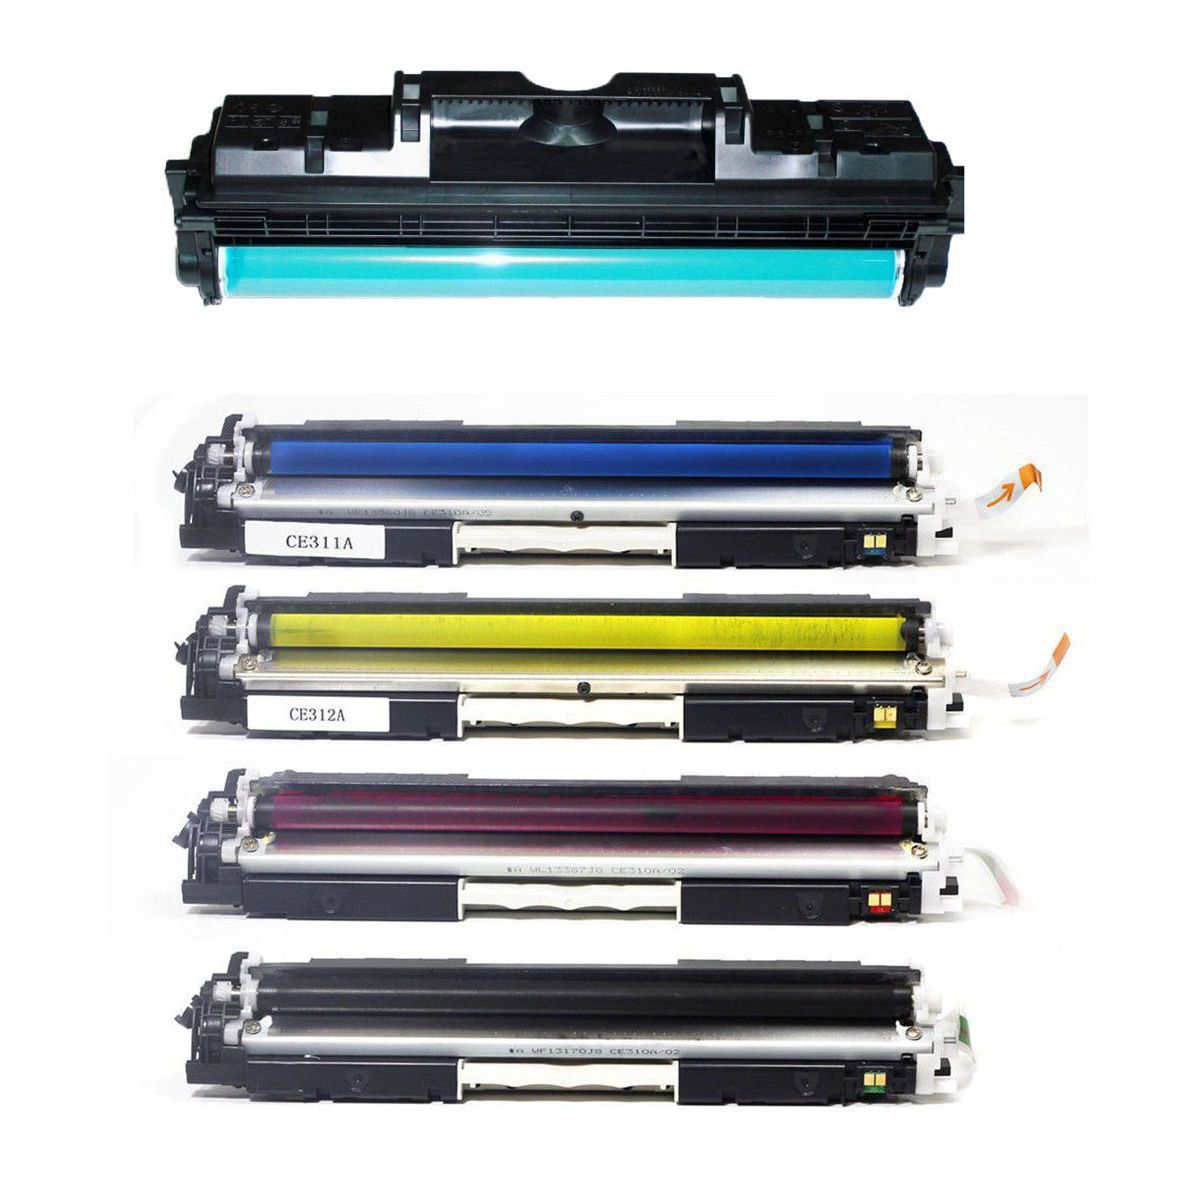 Compatível: Combo Tambor de Imagem CE314A + Kit Colorido de Toner 126A 130A para HP CP1020 CP1025 M175a M176n M177fw